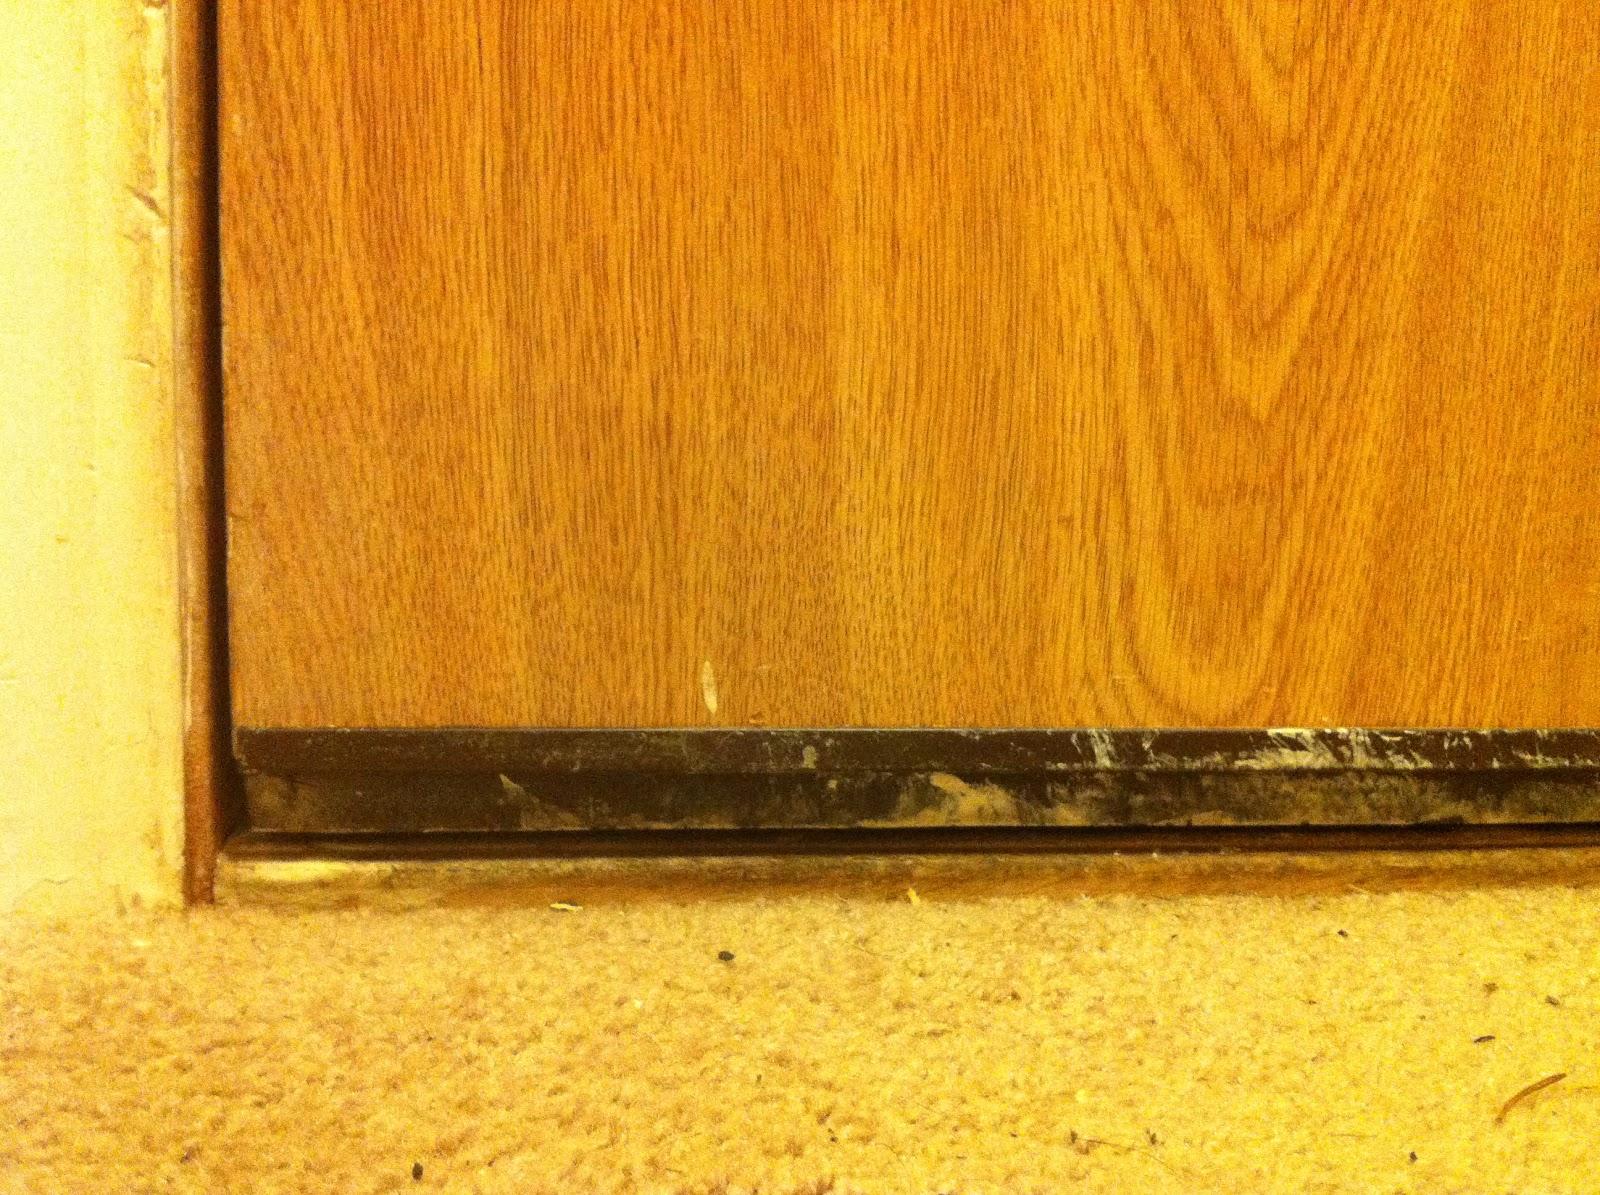 Building the space between door buster for 12 gauge door buster